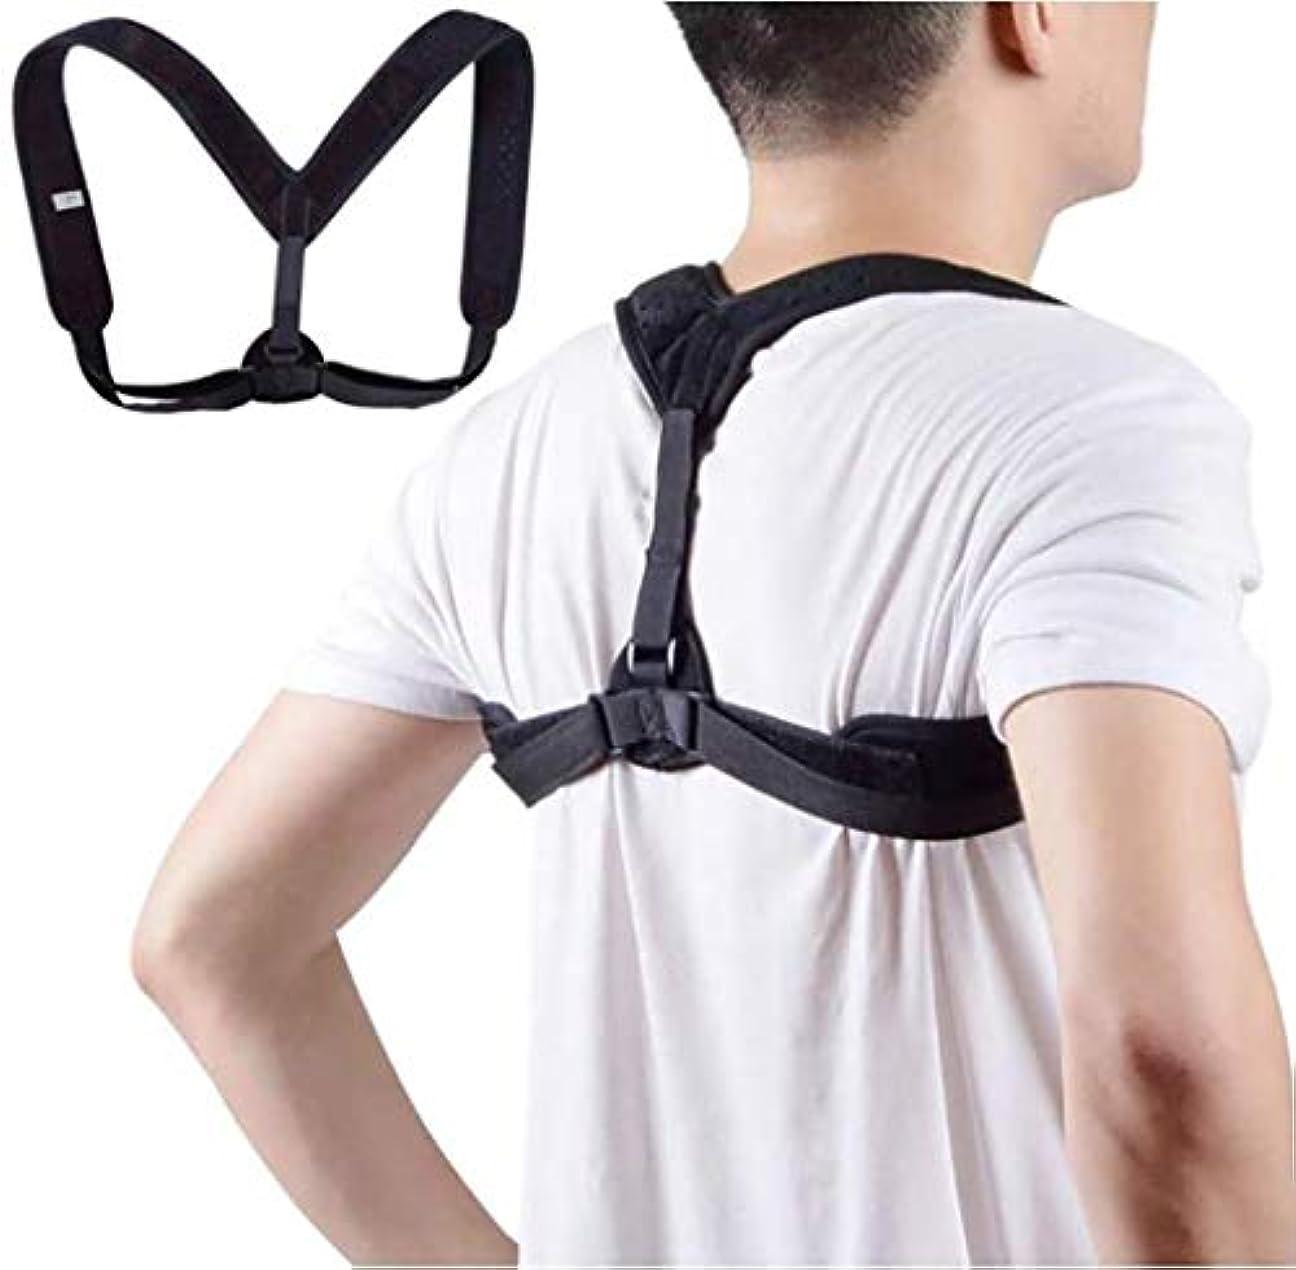 ラリー提供歌詞姿勢矯正ベルト、背部装具、悪い姿勢の改善、気質の改善、調整可能、腰痛緩和のためのダブルストロングスプリント、オフィス学習演習用 (Color : L)